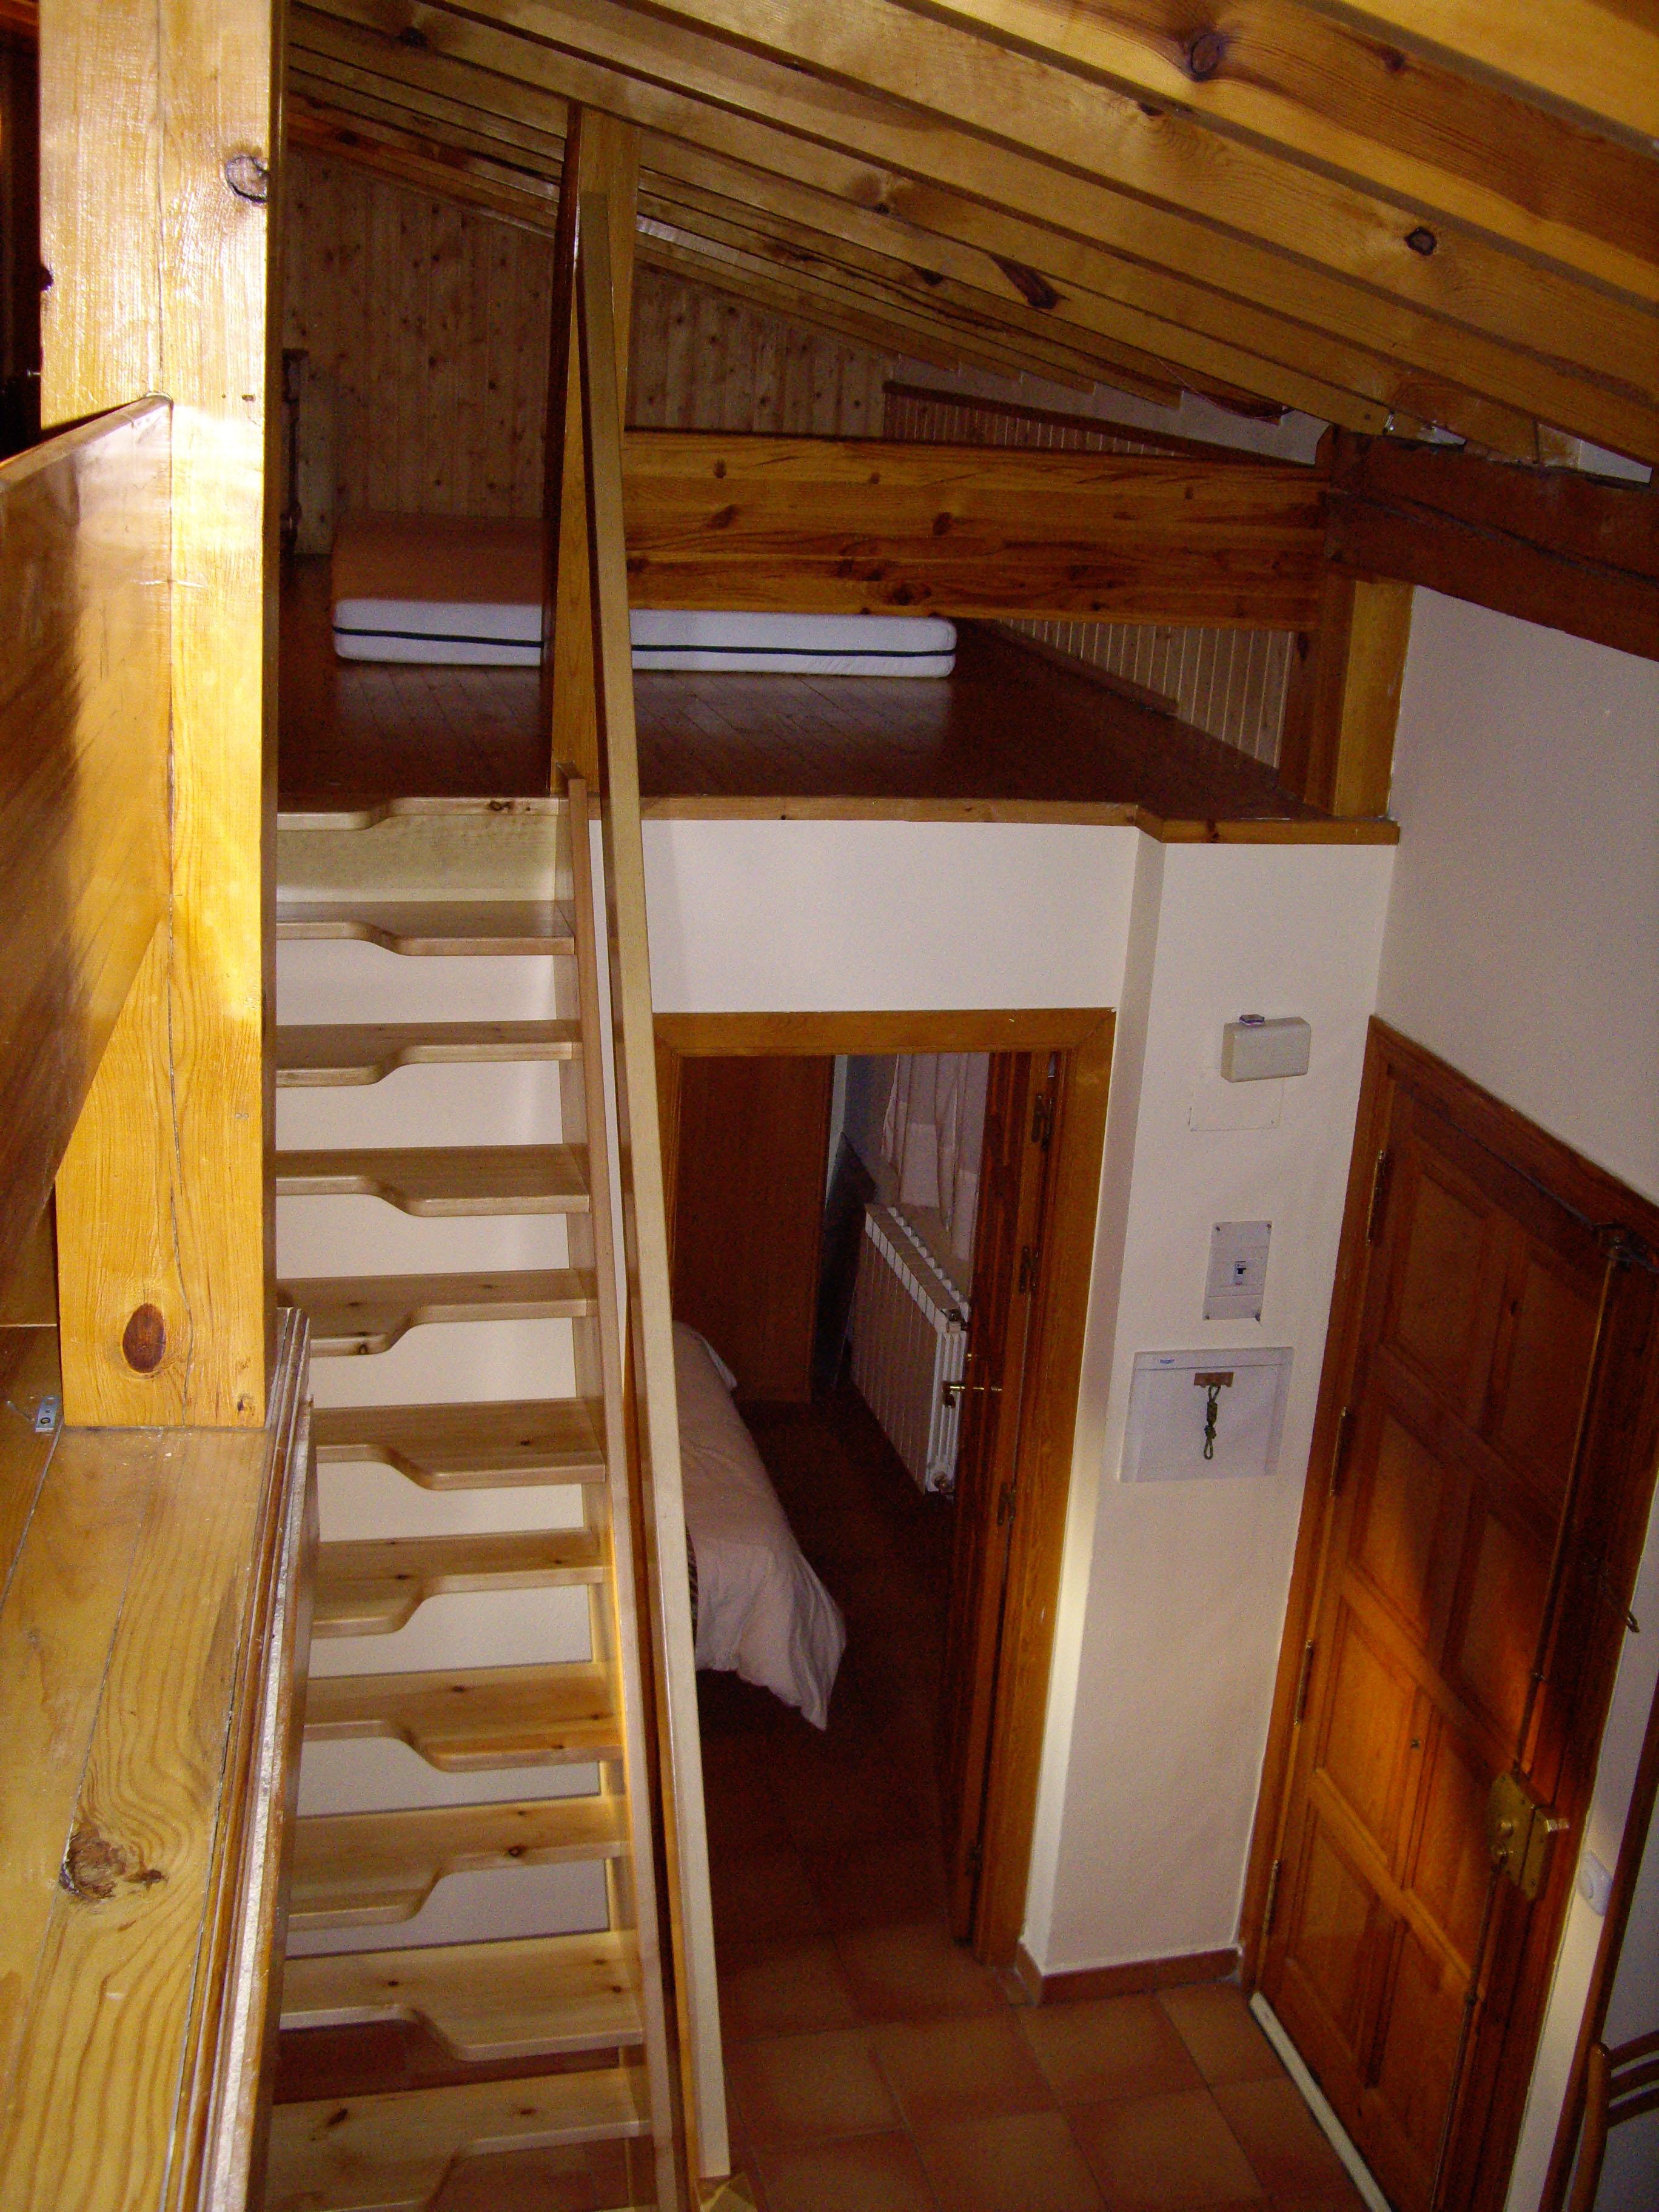 Escaleras espacios reducidos escalera en l peldao de - Escaleras espacios pequenos ...